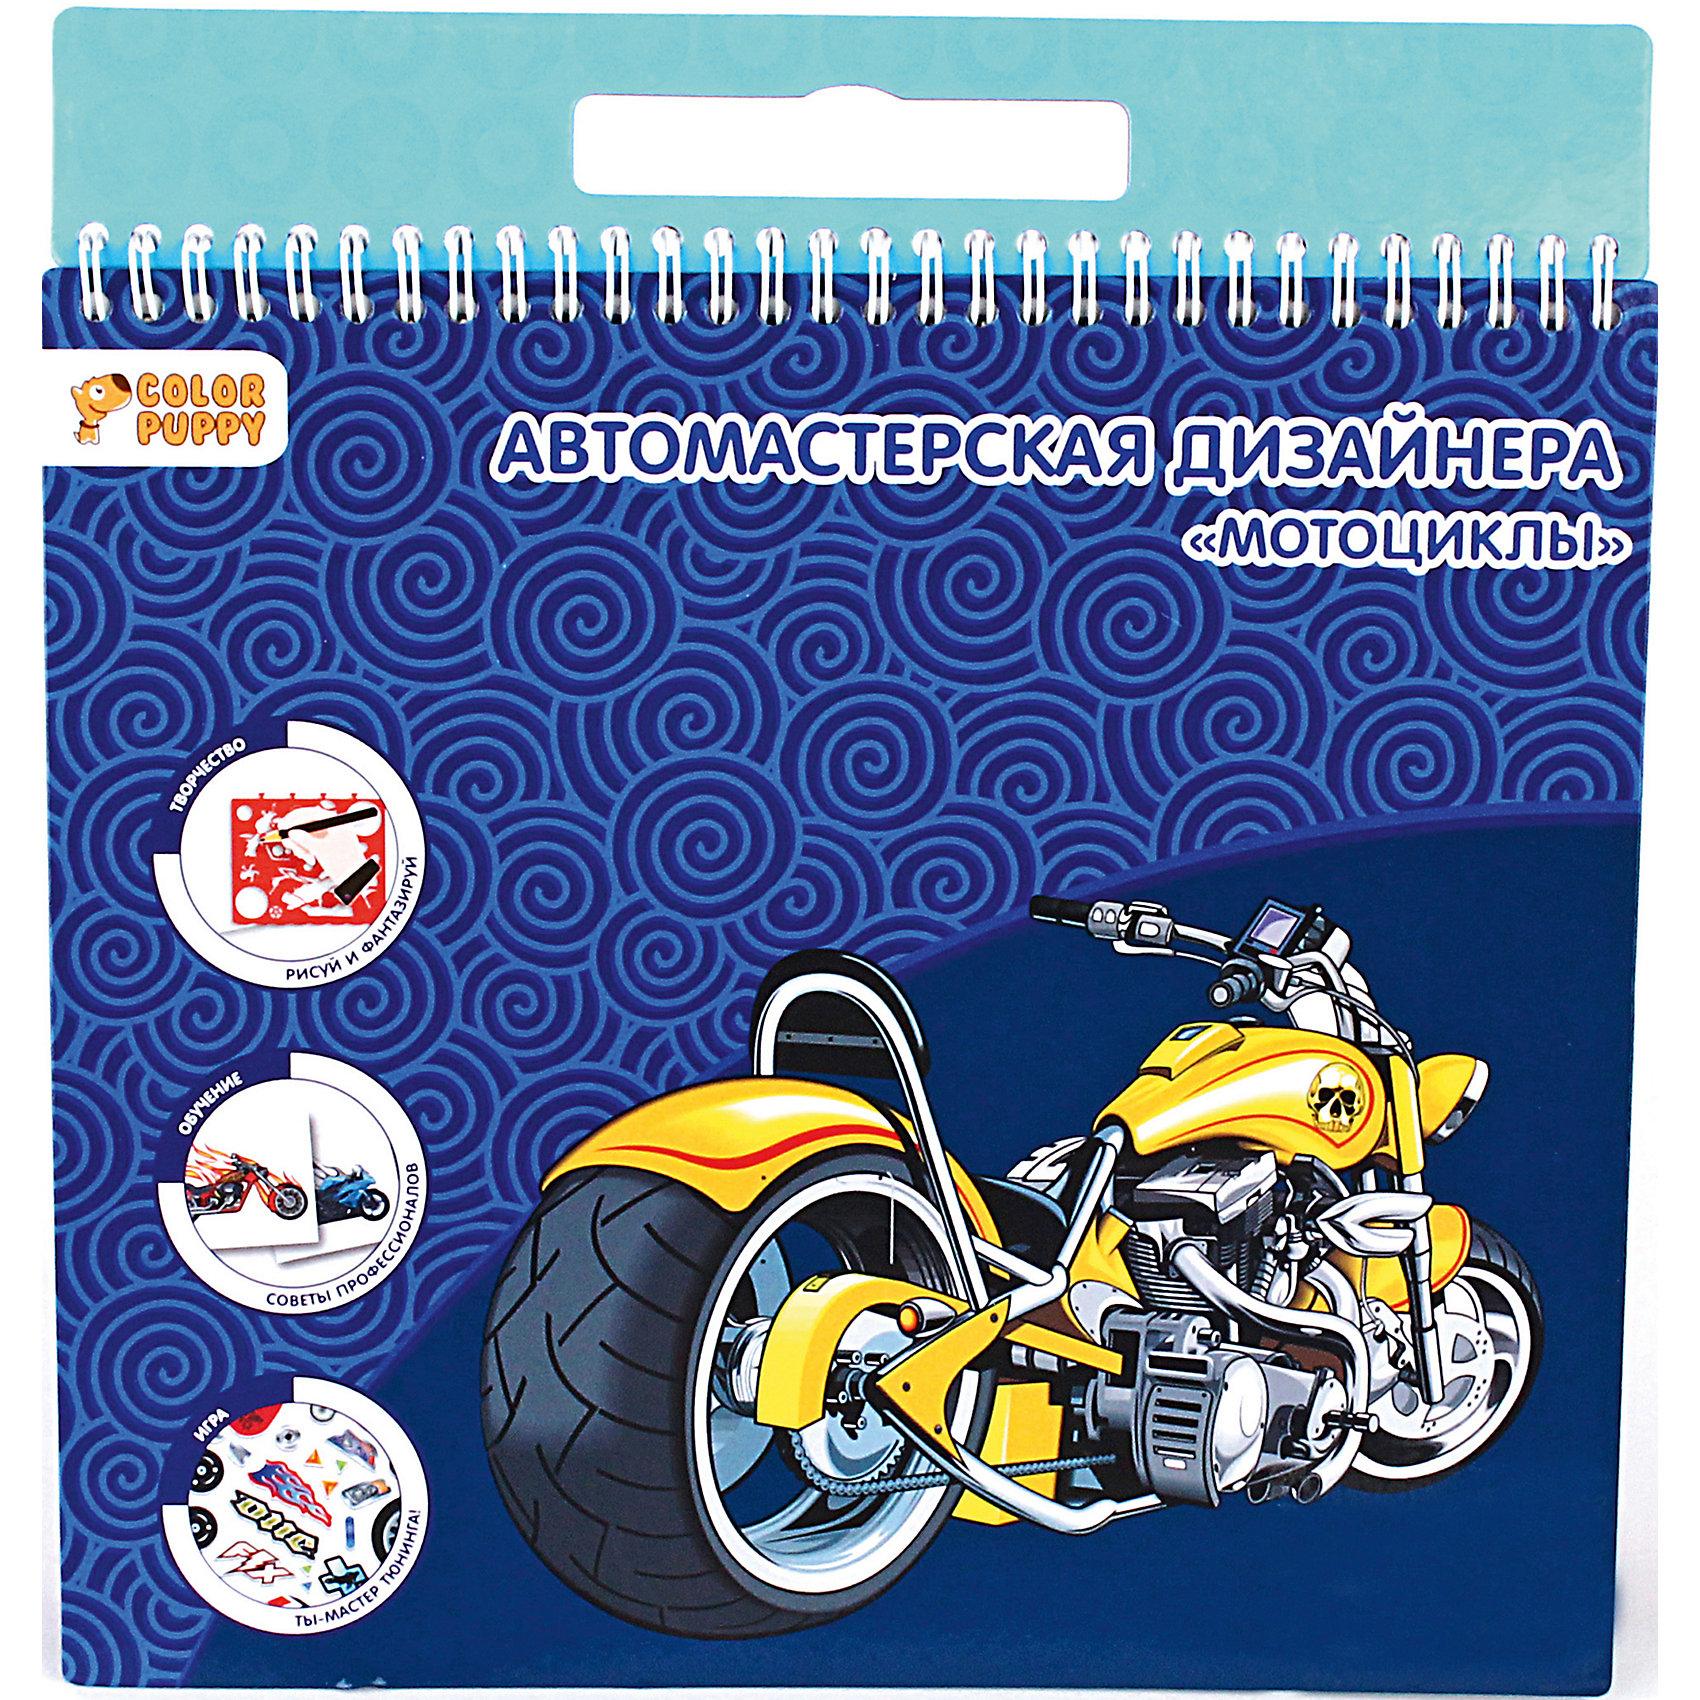 Набор для творчества Мастерская дизайнера: мотоциклыНабор для творчества Мастерская дизайнера: мотоциклы - отличный подарок юному любителю мототехники! <br> Раскрась готовый контурный рисунок. Почувствуй себя мастером тюнинга. Нарисуй аккуратно и красиво автомобильные аксессуары, используя трафареты. <br> Дополни рисунок оригинальными наклейками, которые придумали профессиональные дизайнеры специально для тебя! <br> Придумай названию своему супермотоциклу!<br><br>Ширина мм: 260<br>Глубина мм: 285<br>Высота мм: 50<br>Вес г: 404<br>Возраст от месяцев: 36<br>Возраст до месяцев: 108<br>Пол: Мужской<br>Возраст: Детский<br>SKU: 5078335